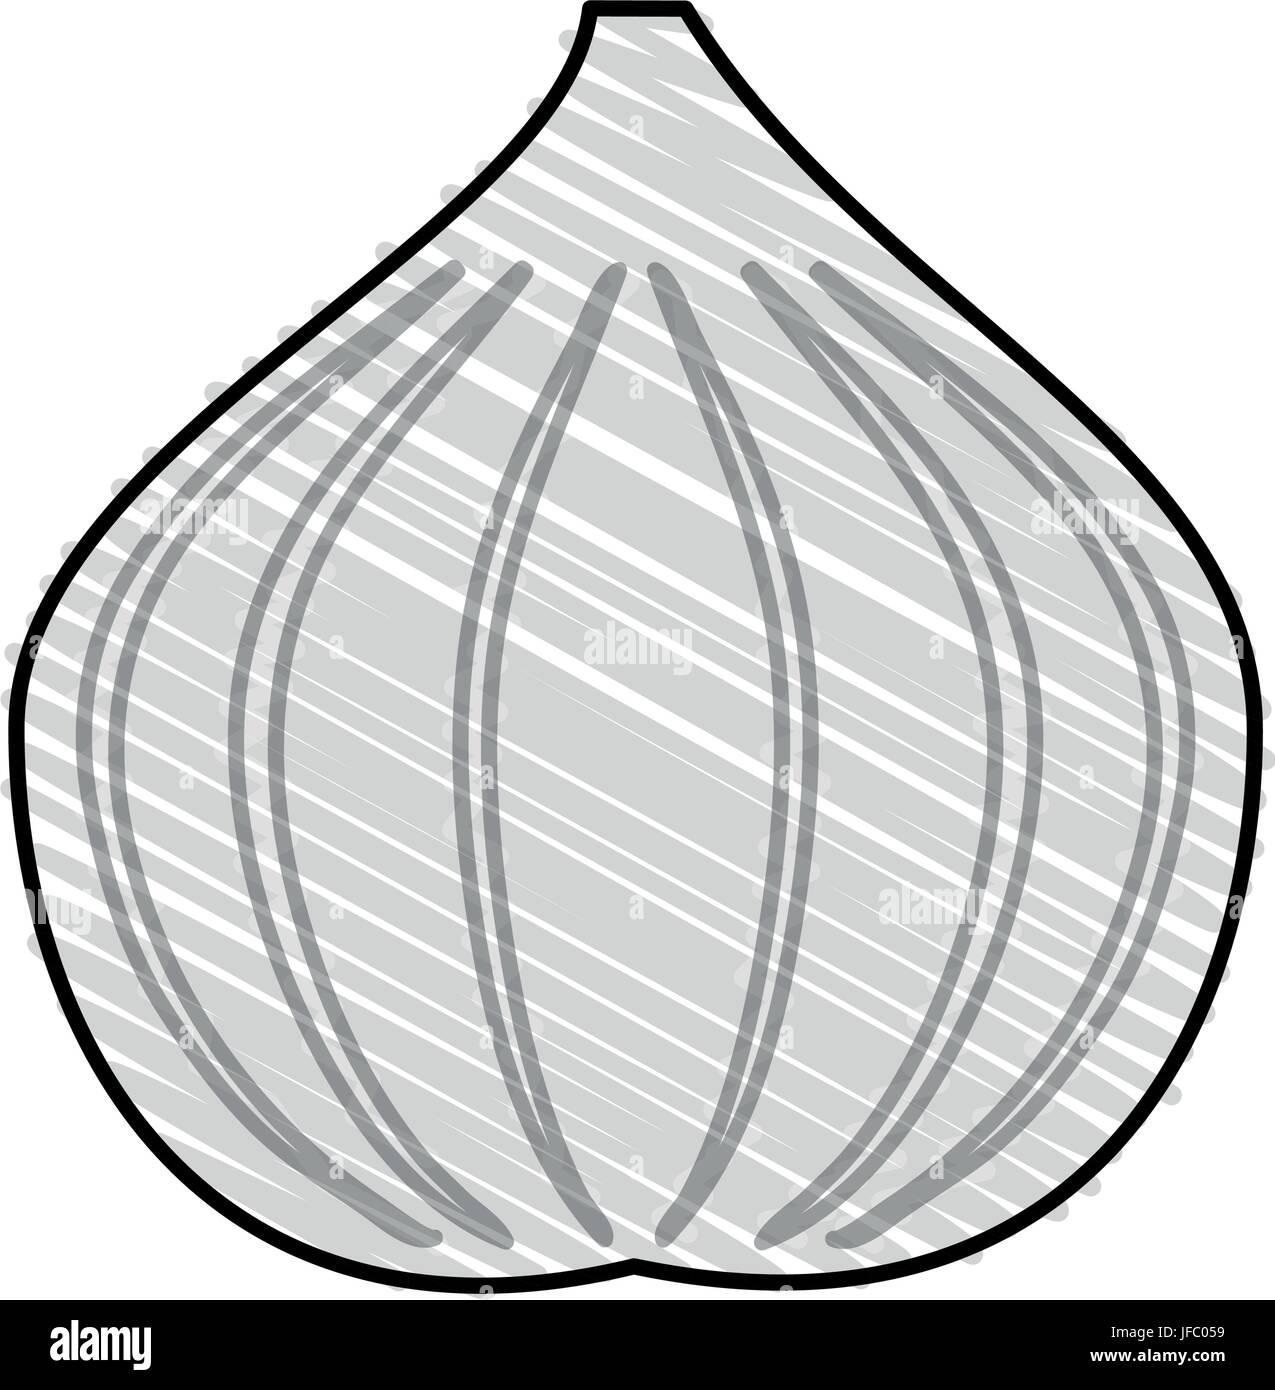 garlic vector illustration - Stock Vector